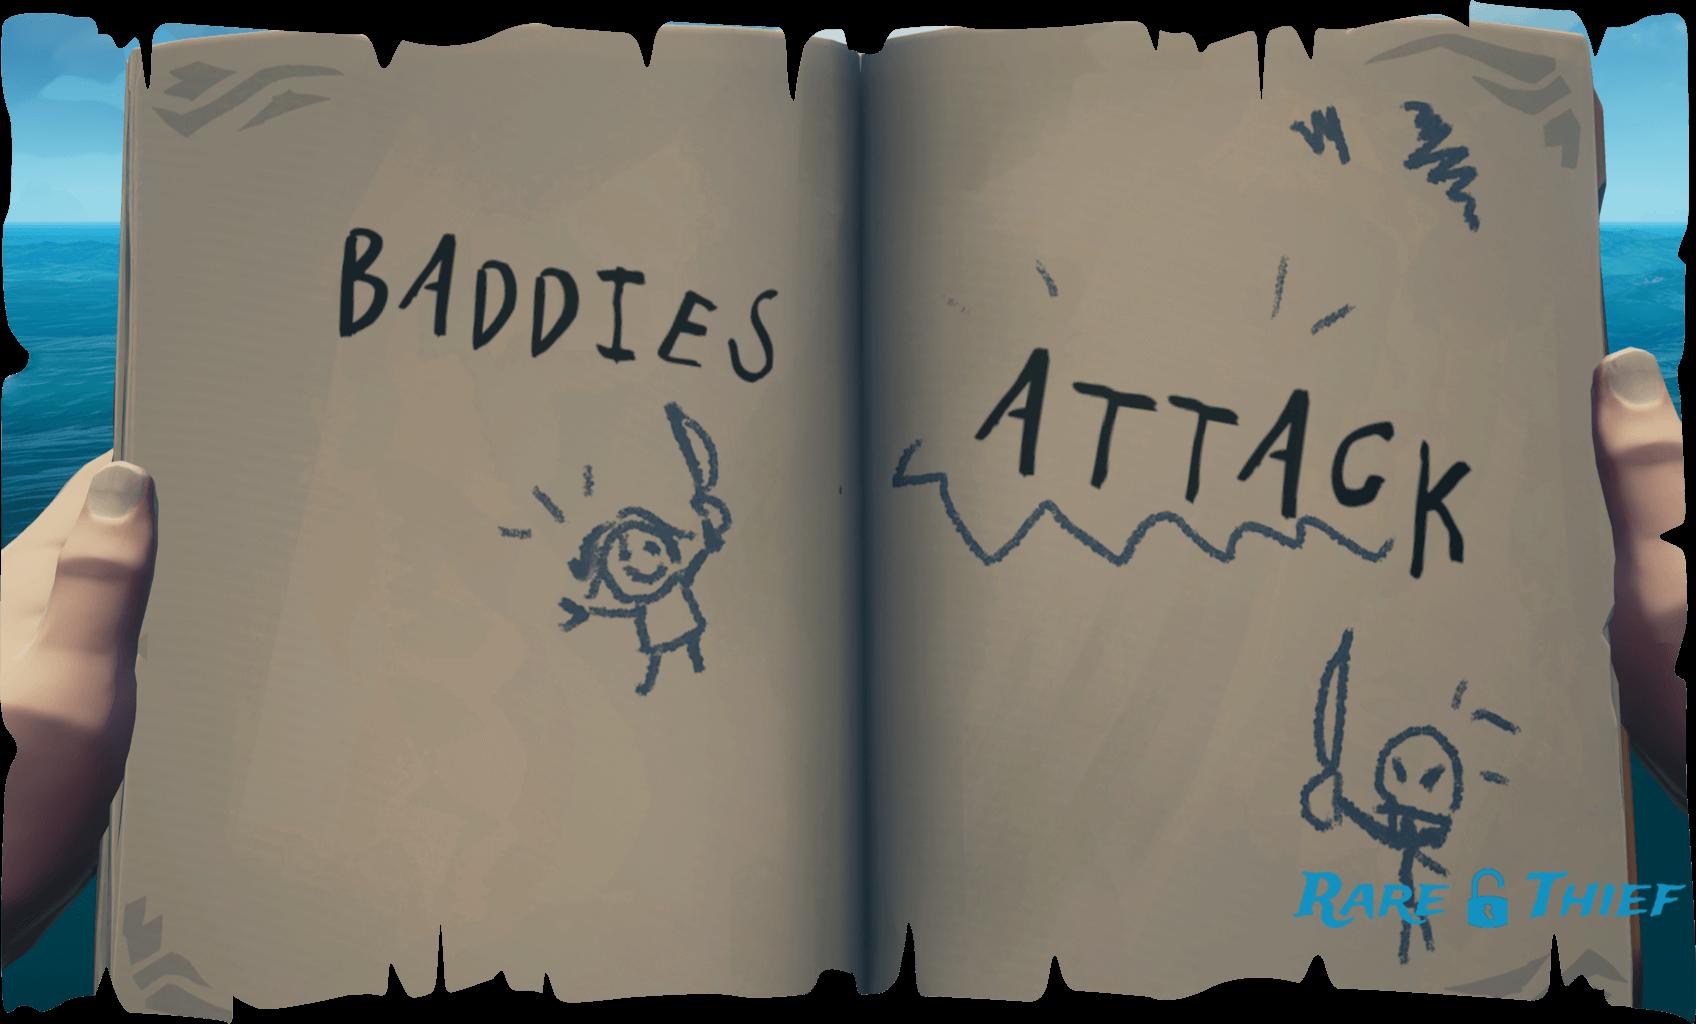 Baddies Attack